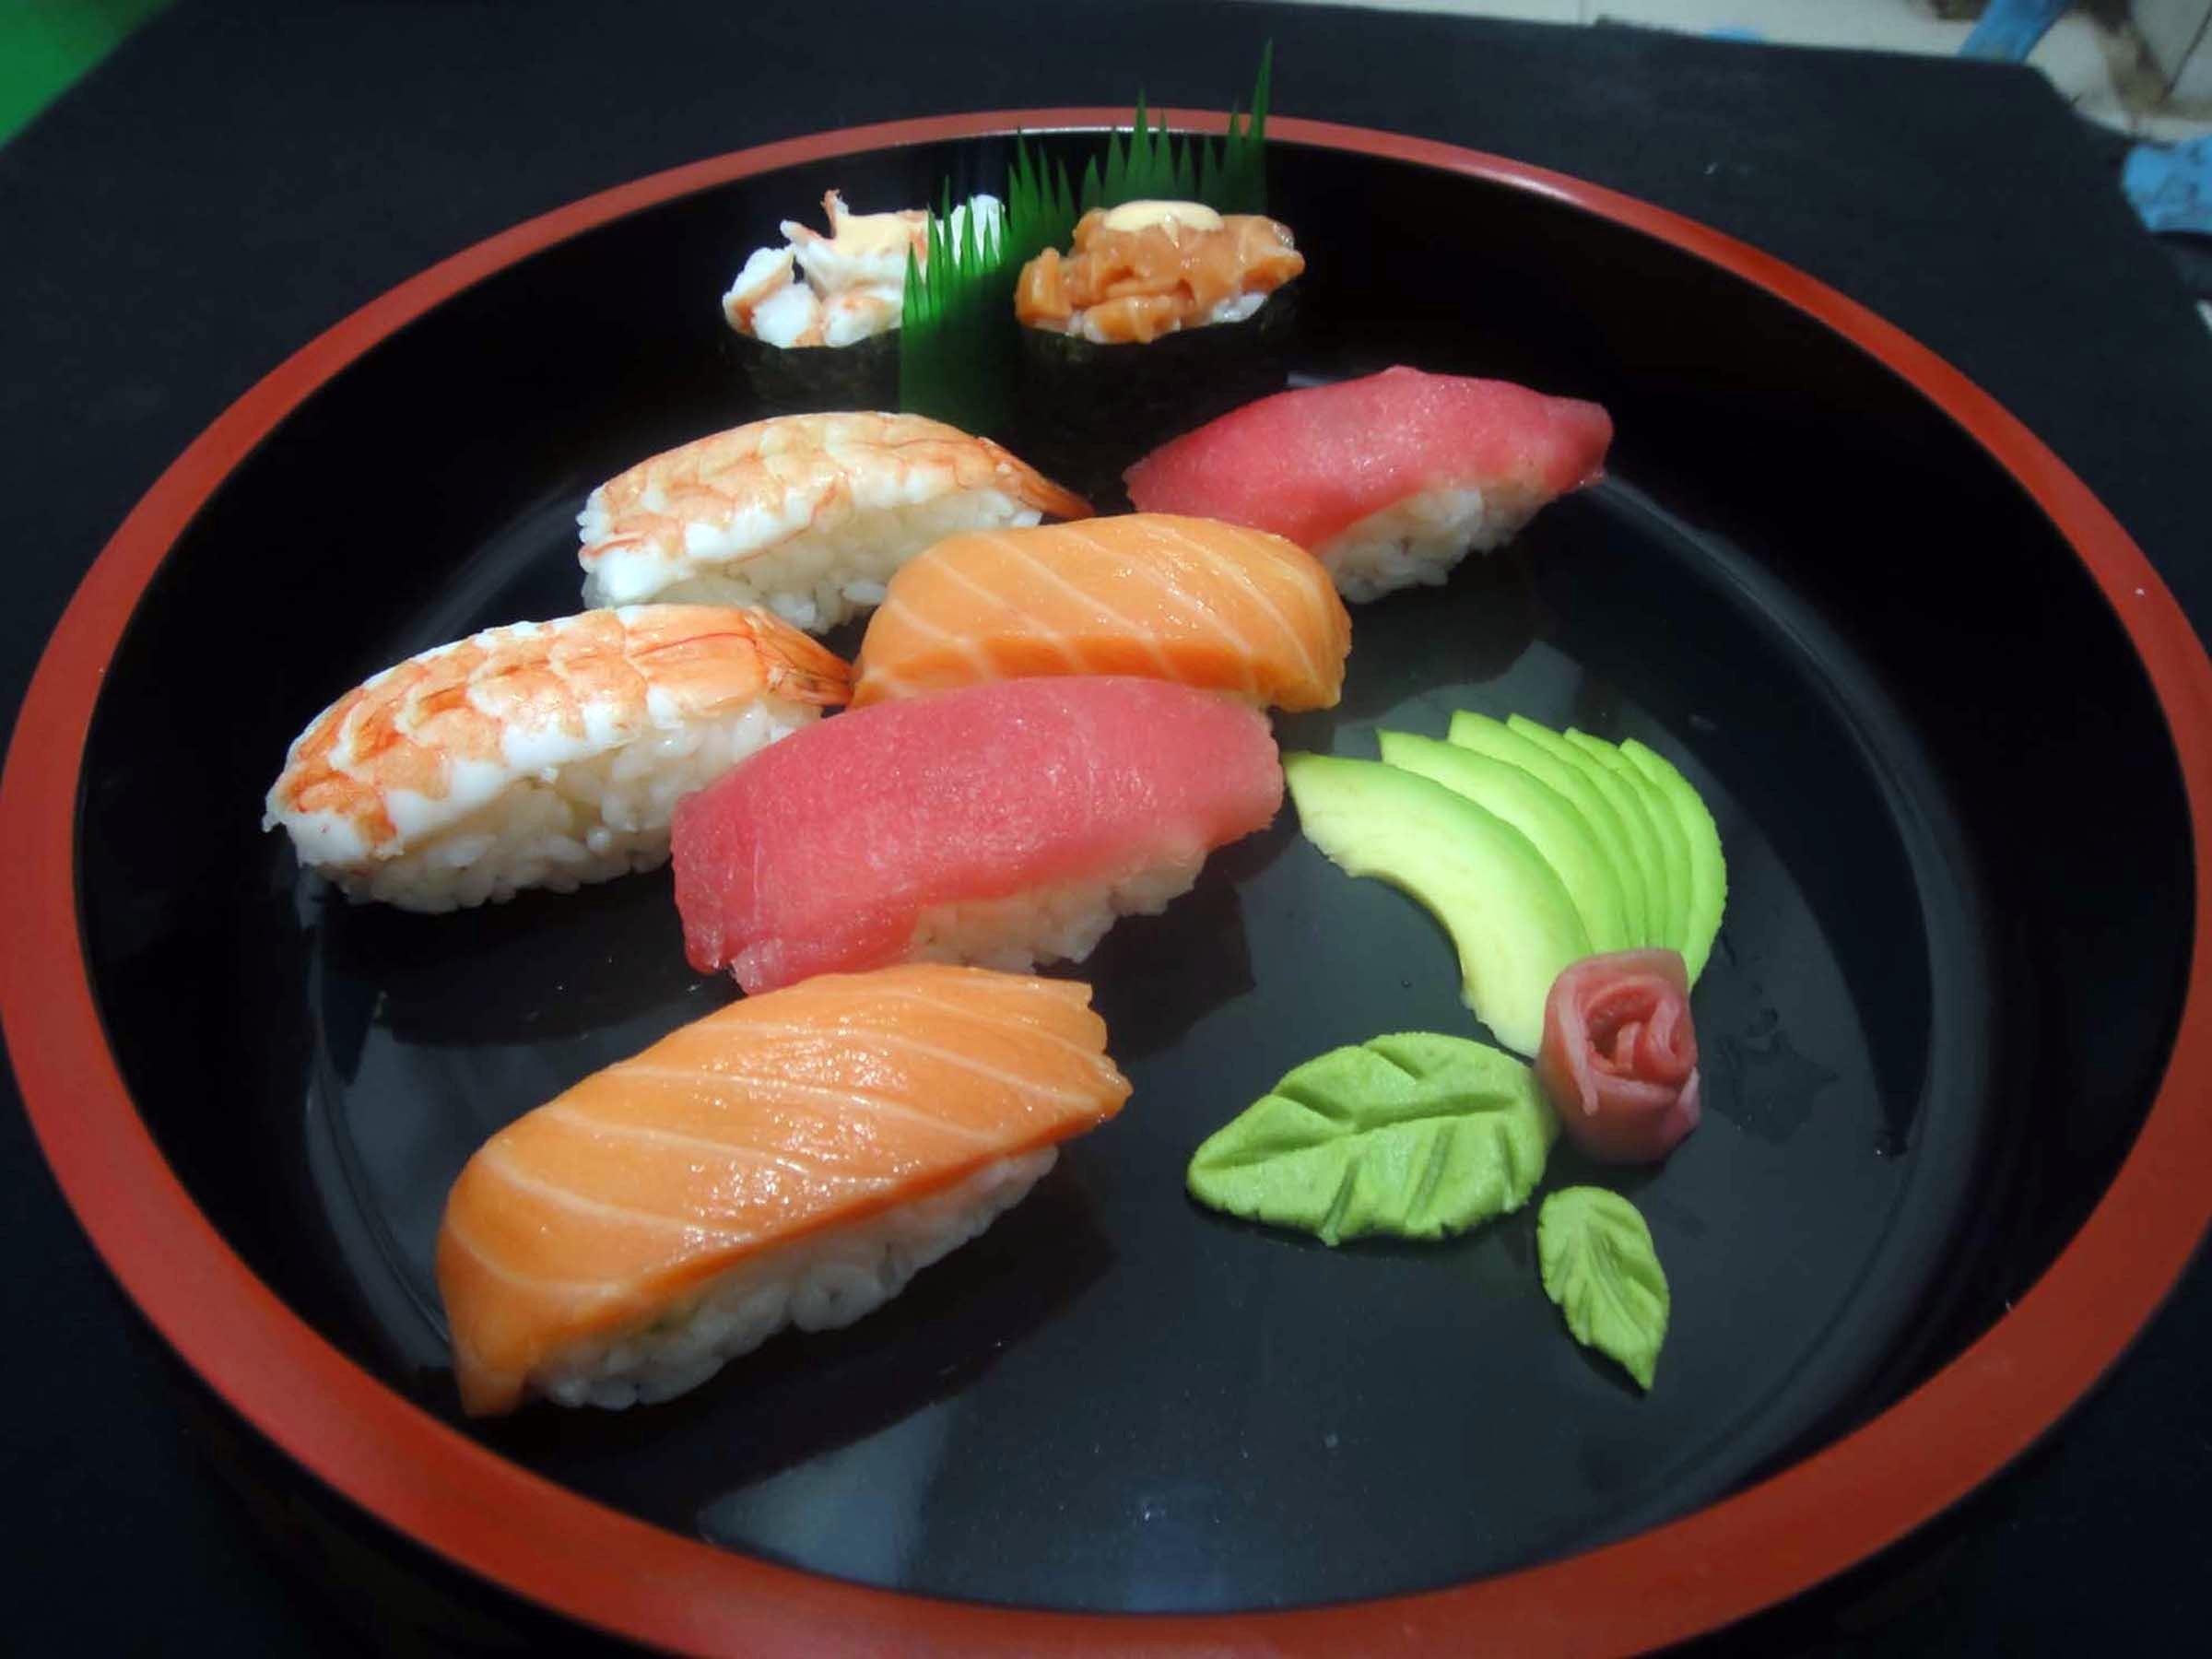 日本美食图片料理-日本美食图片